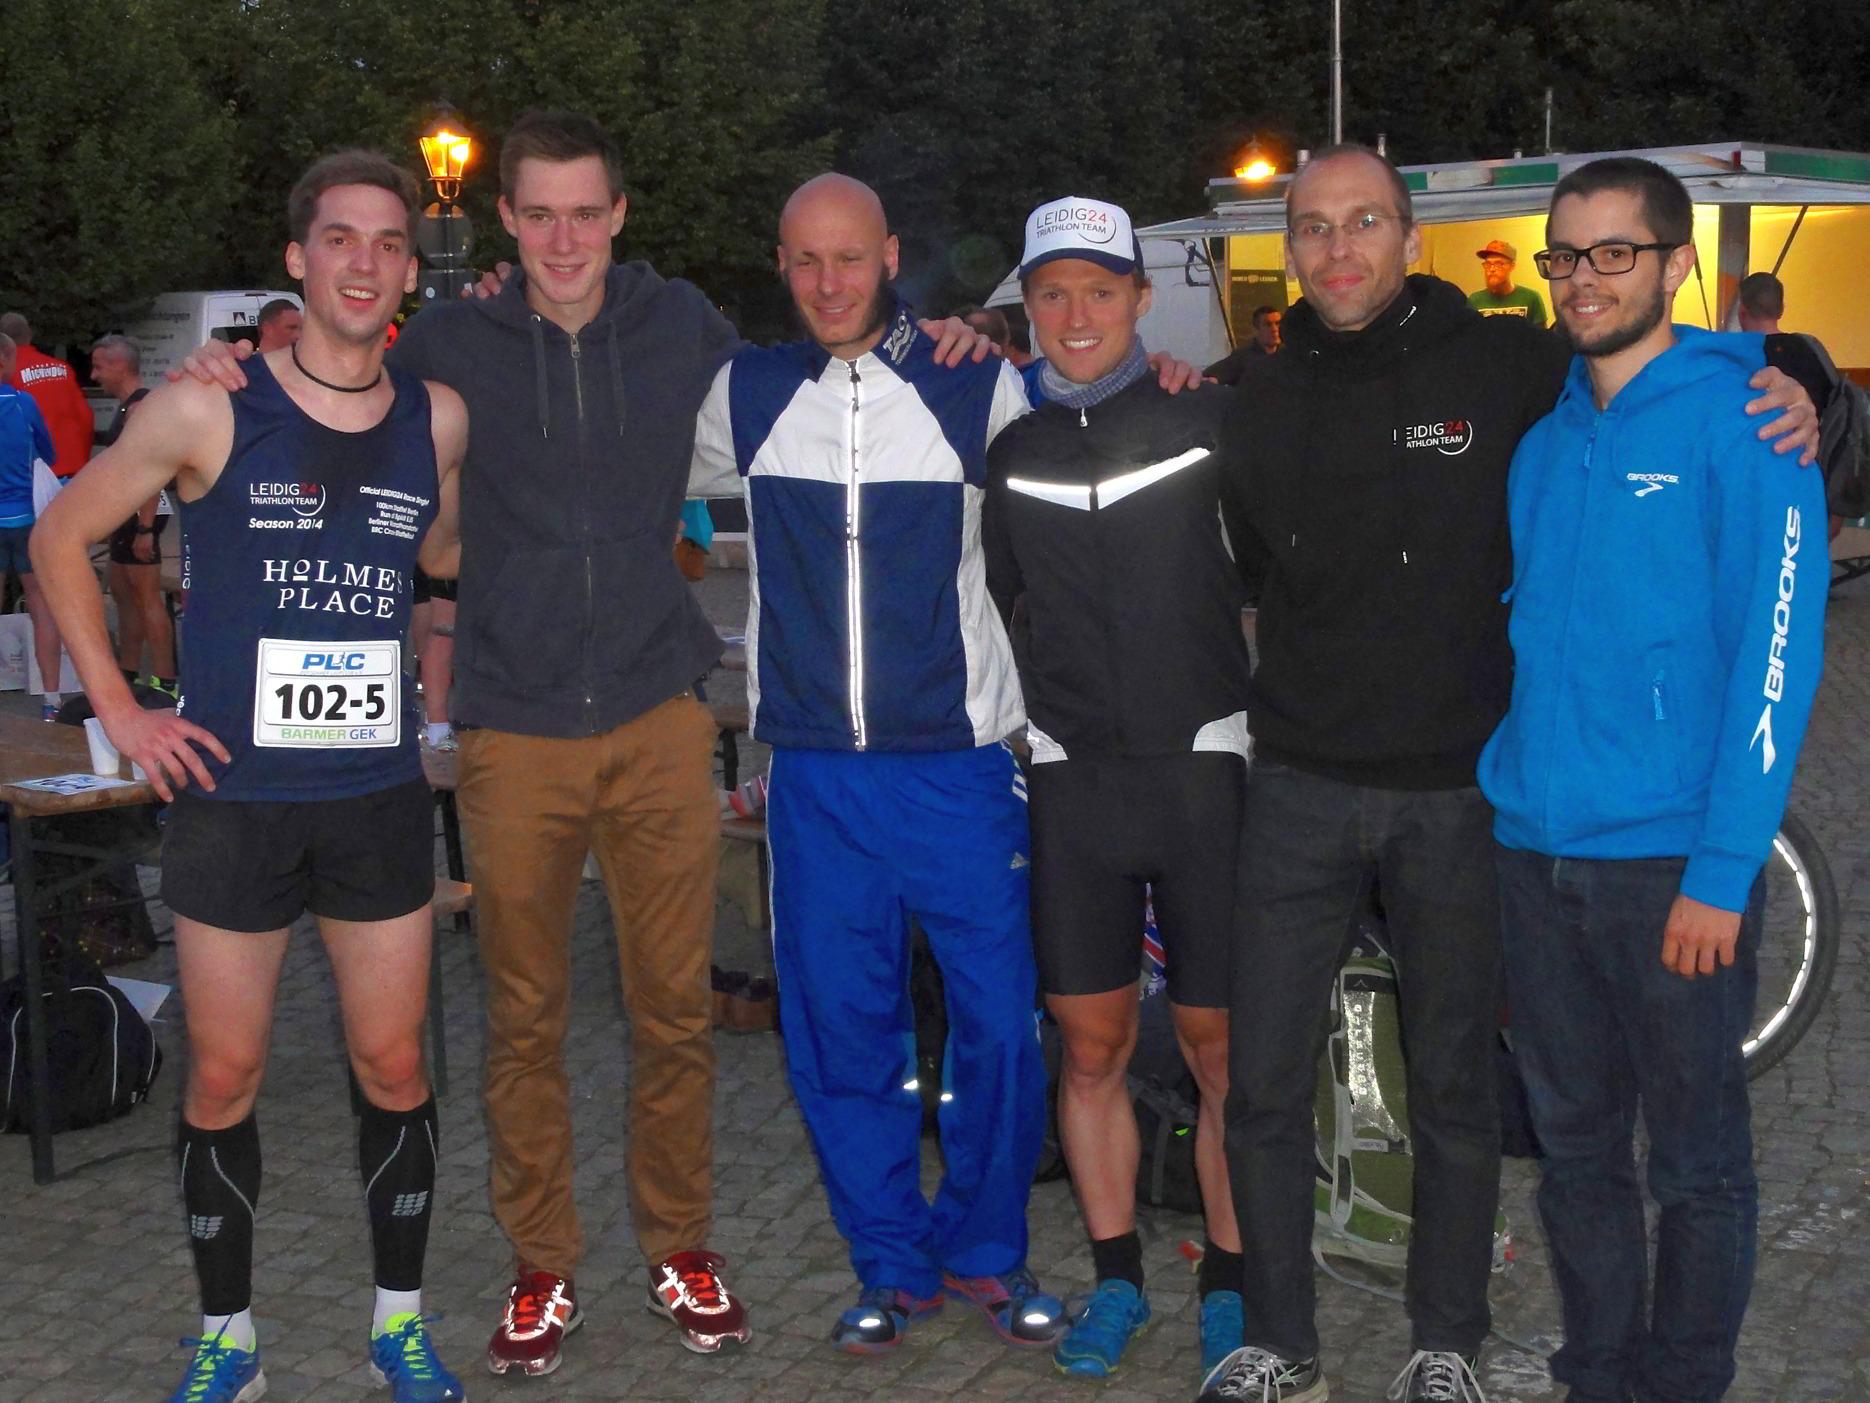 Potsdamer Halbmarathonstaffel 2014